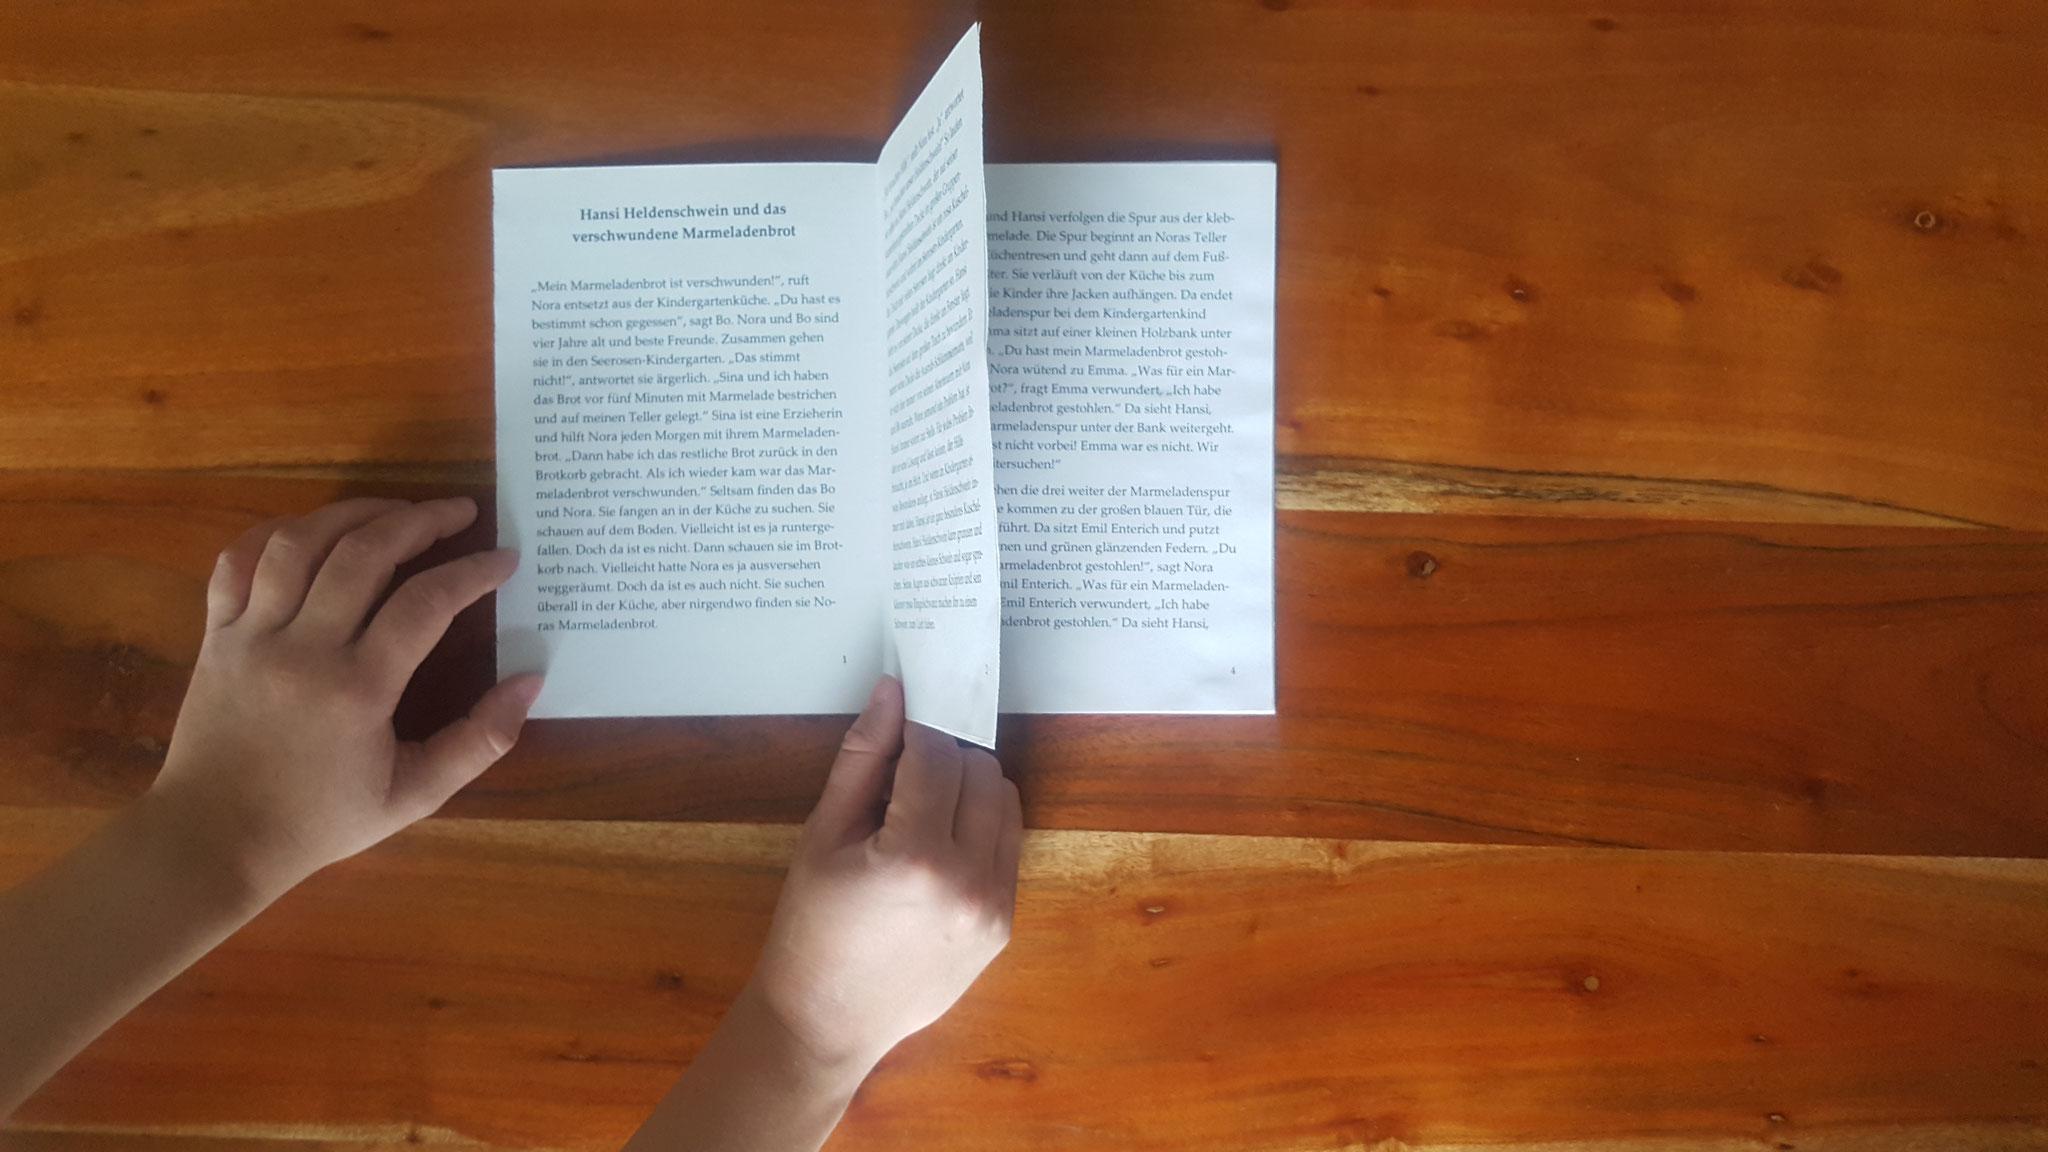 Alle Seiten zu einem Buch zusammengeklebt